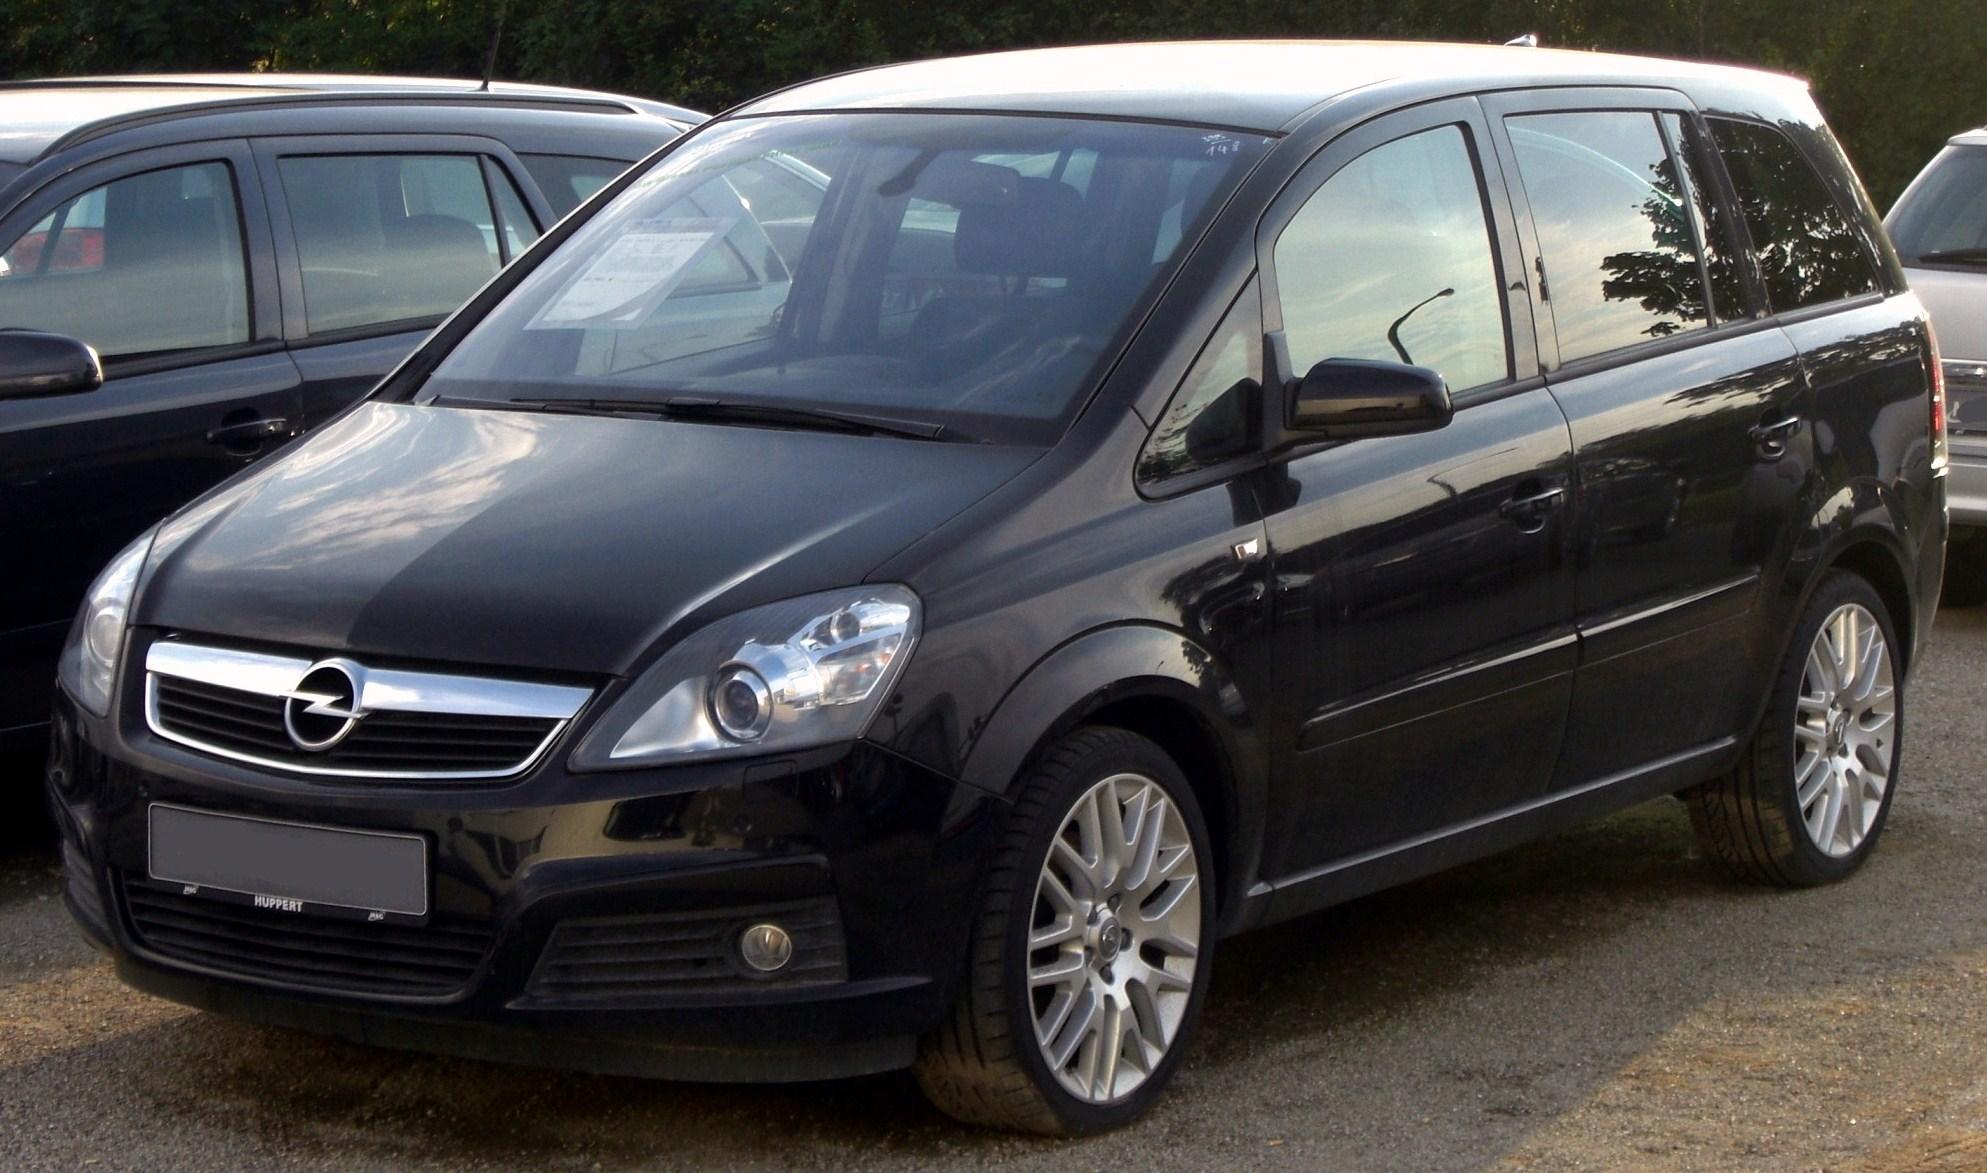 Opel Zafira 2010 Photo - 1